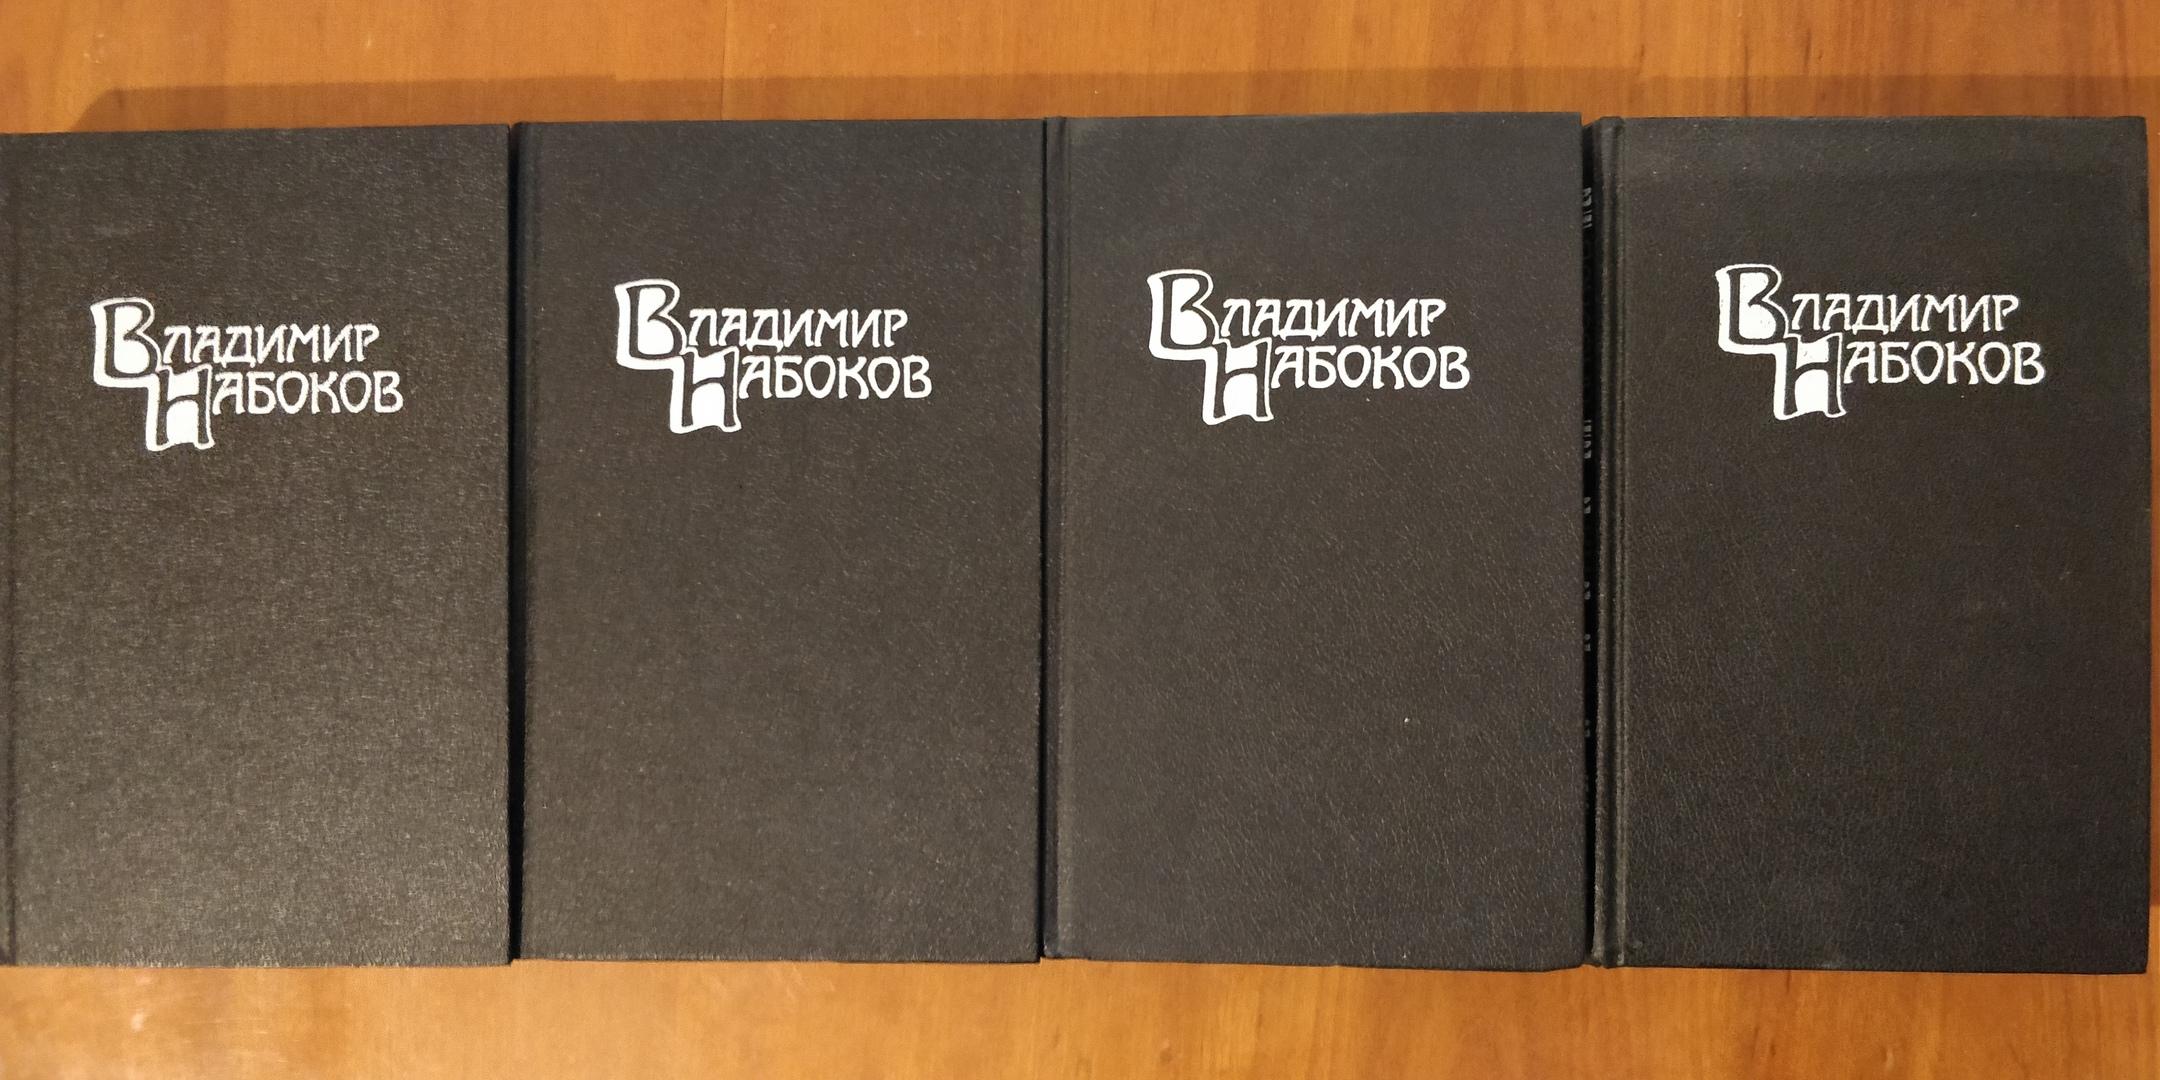 Продам книги.  1. Владимир Набоков - Собрание сочинении в 4